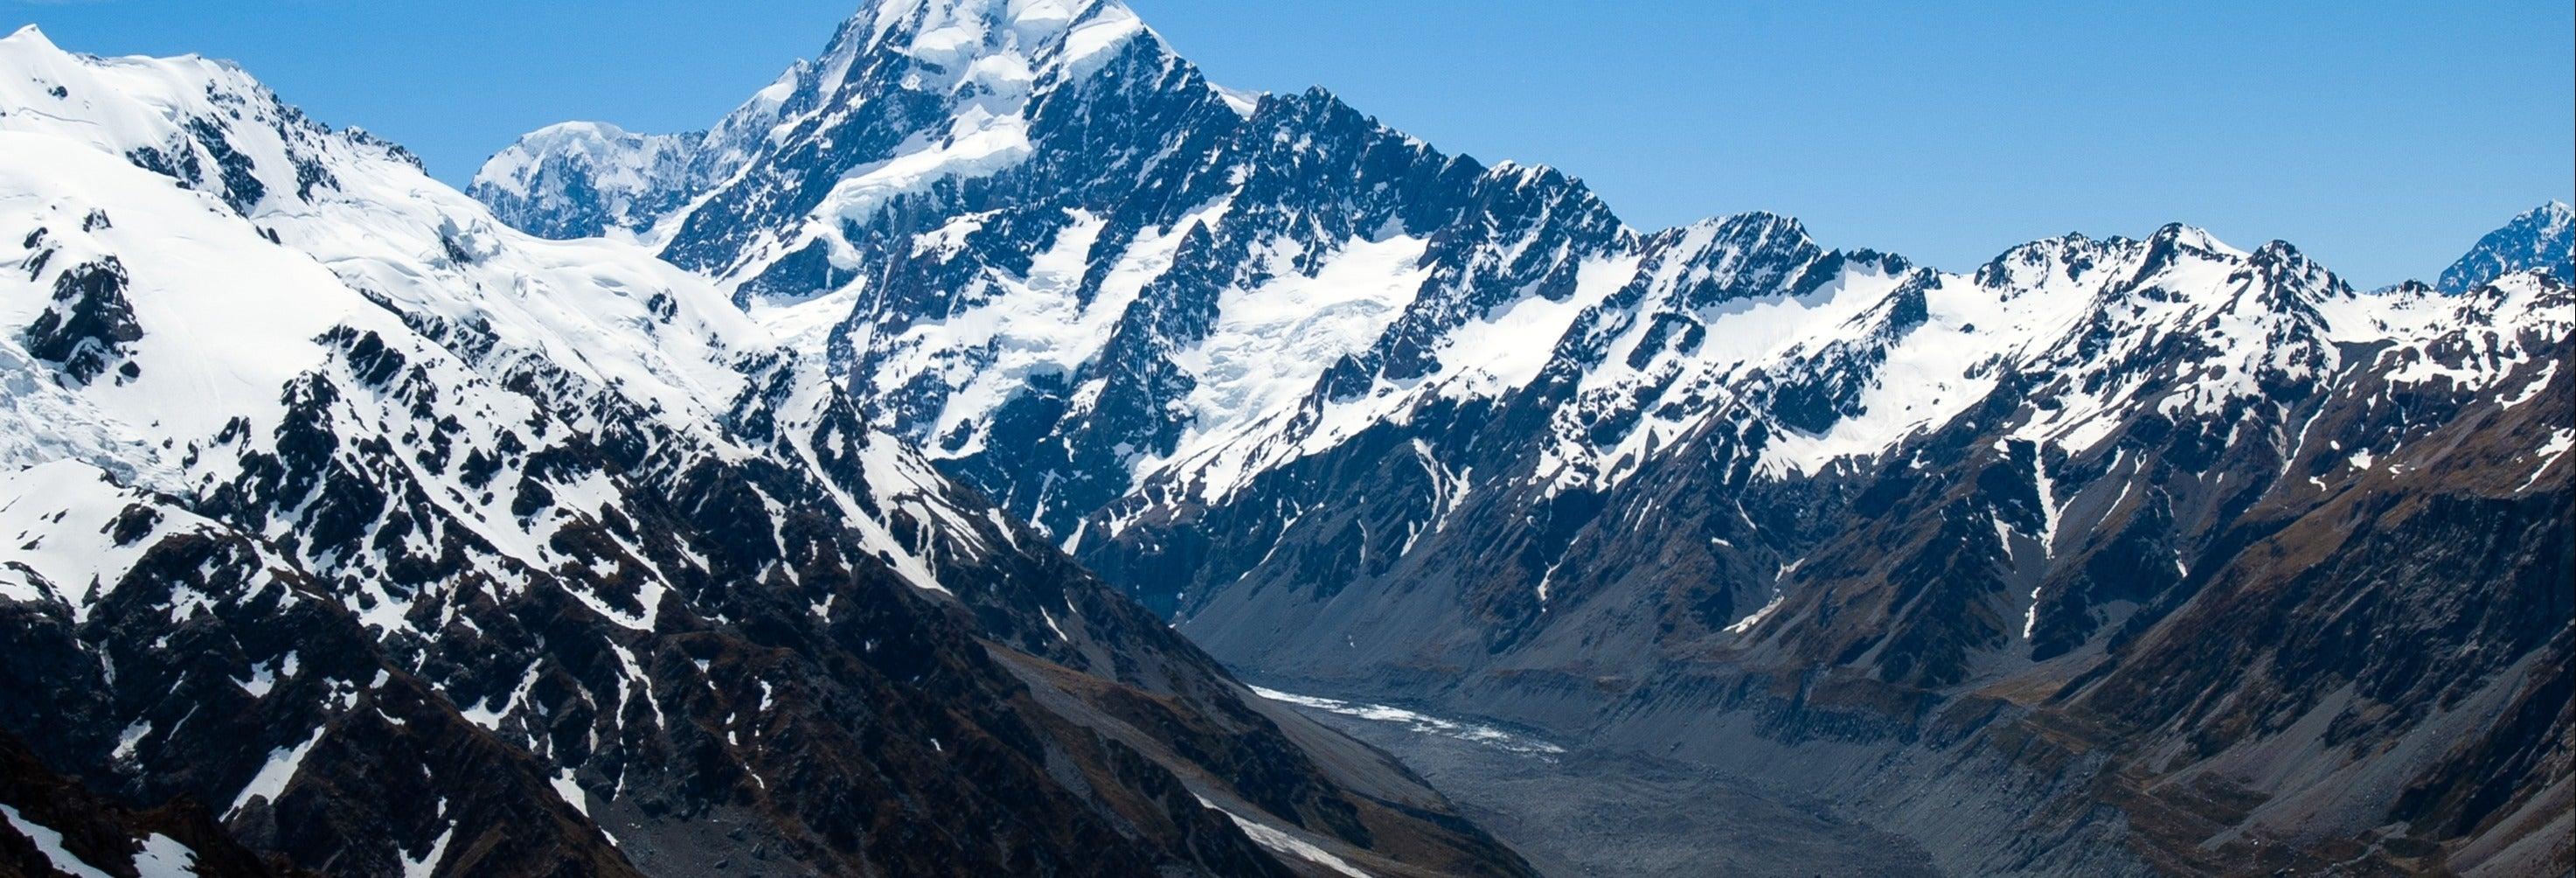 Excursión al Monte Cook